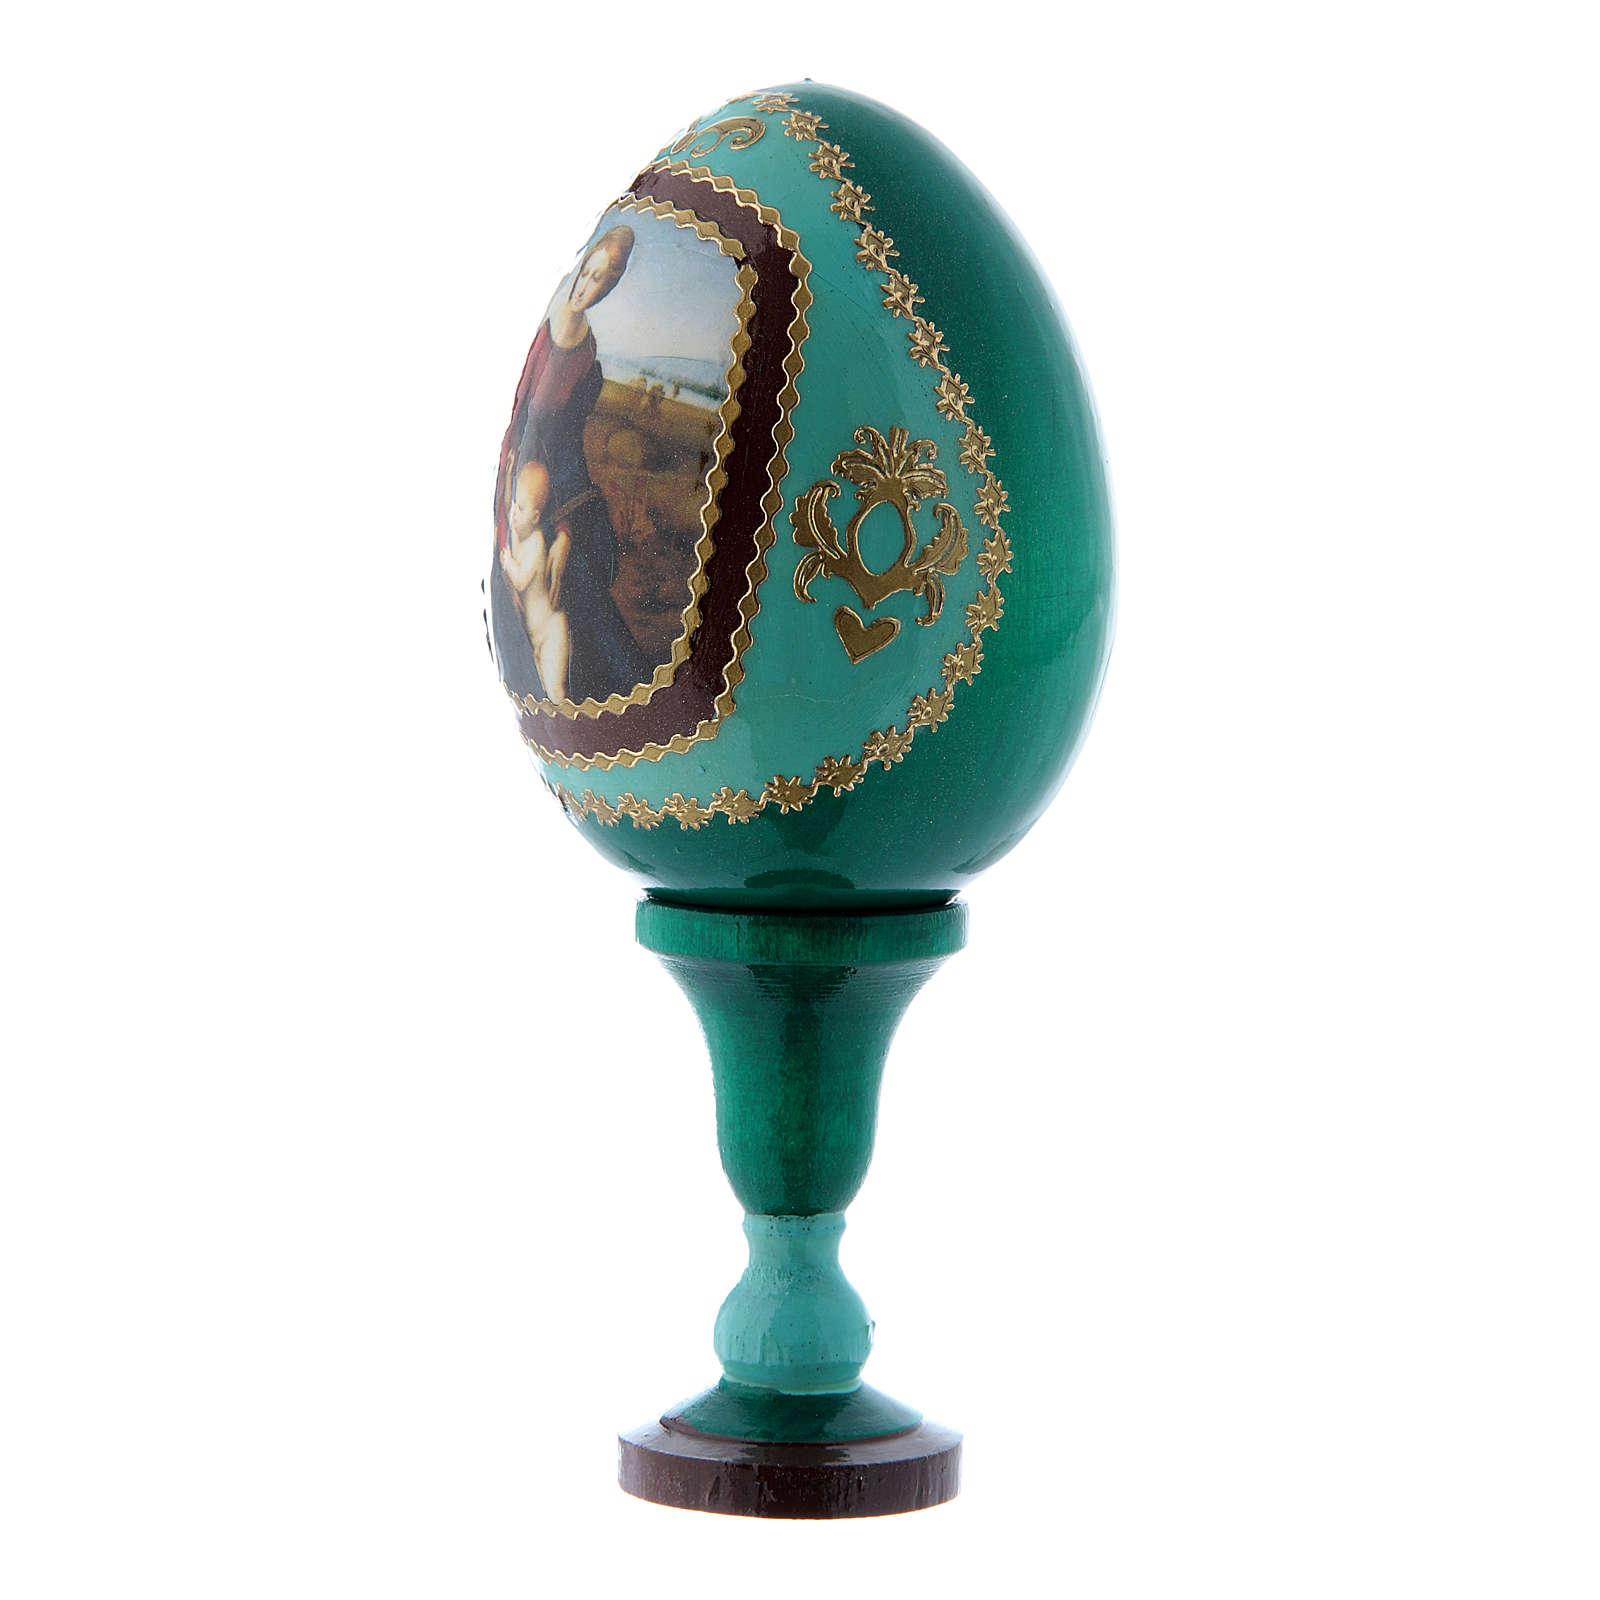 Huevo ícono ruso verde Virgen del Belvedere decorado a mano h tot 13 cm 4